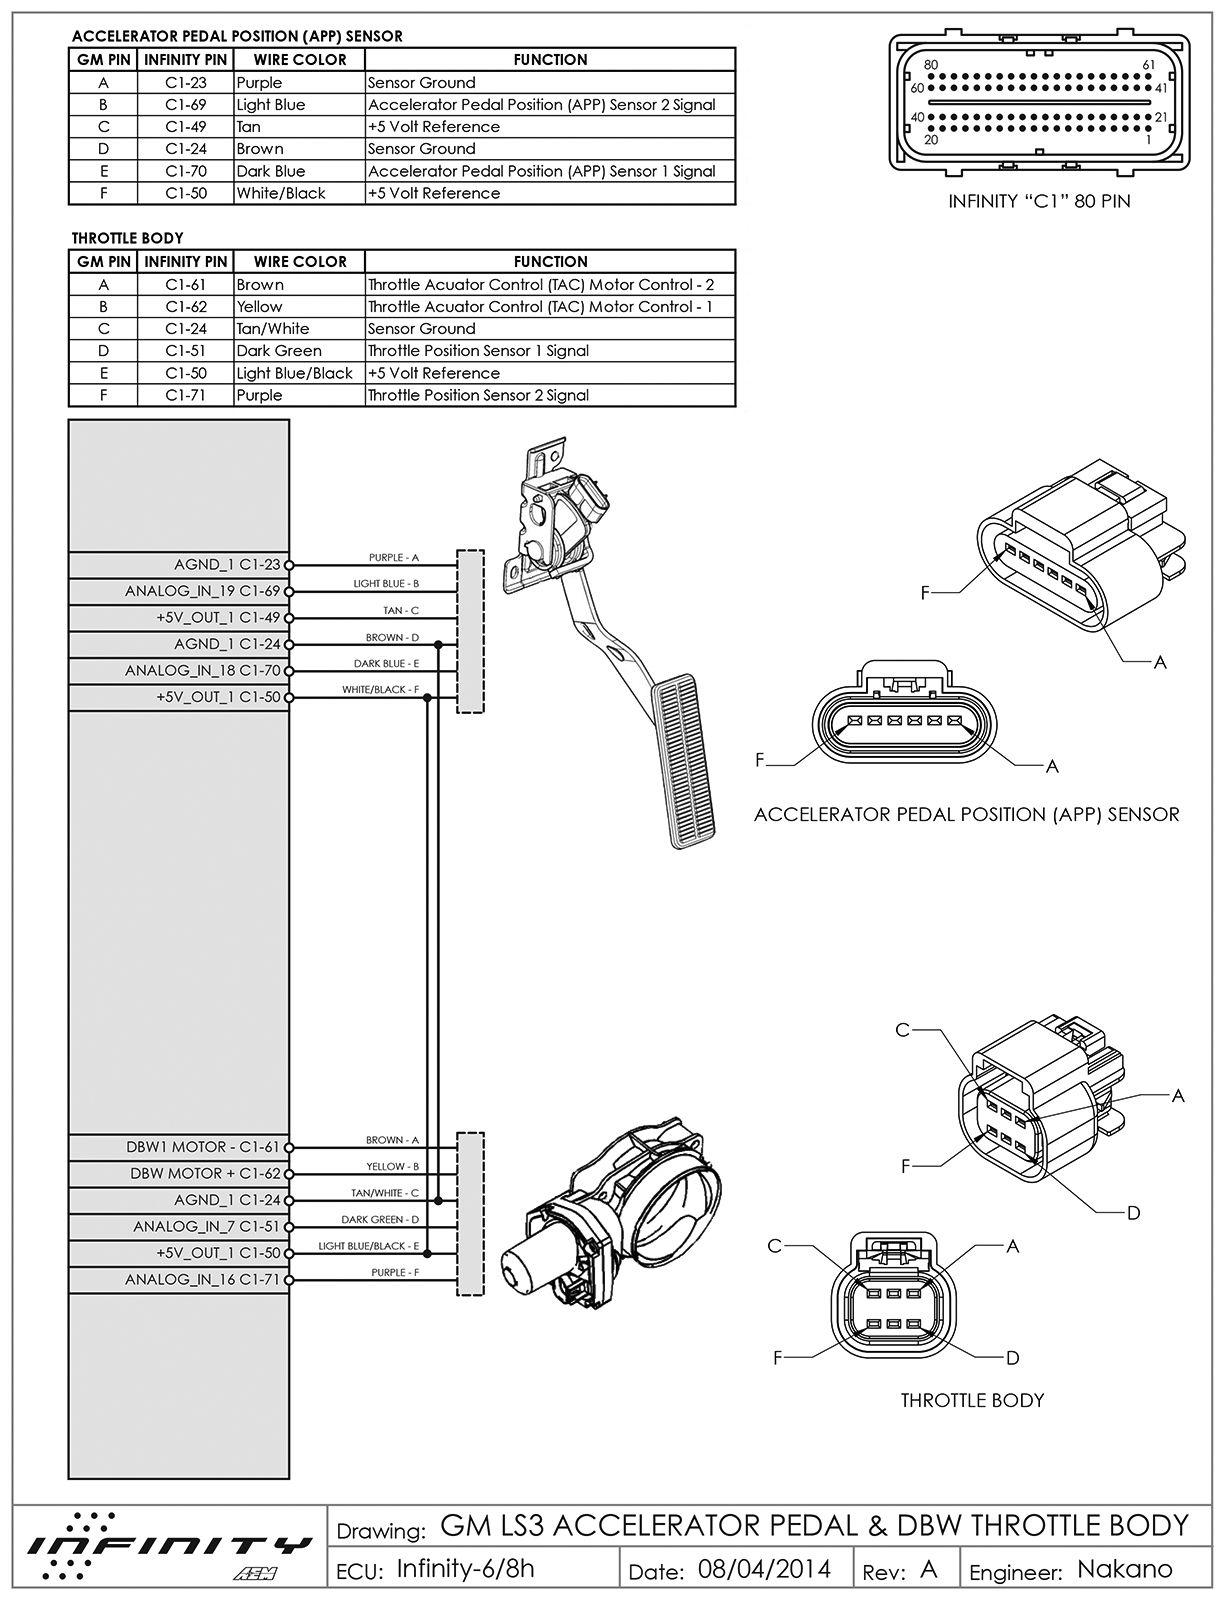 tps wiring diagram for ls3 wiring diagram meta nissan tps wiring diagram [ 1226 x 1600 Pixel ]